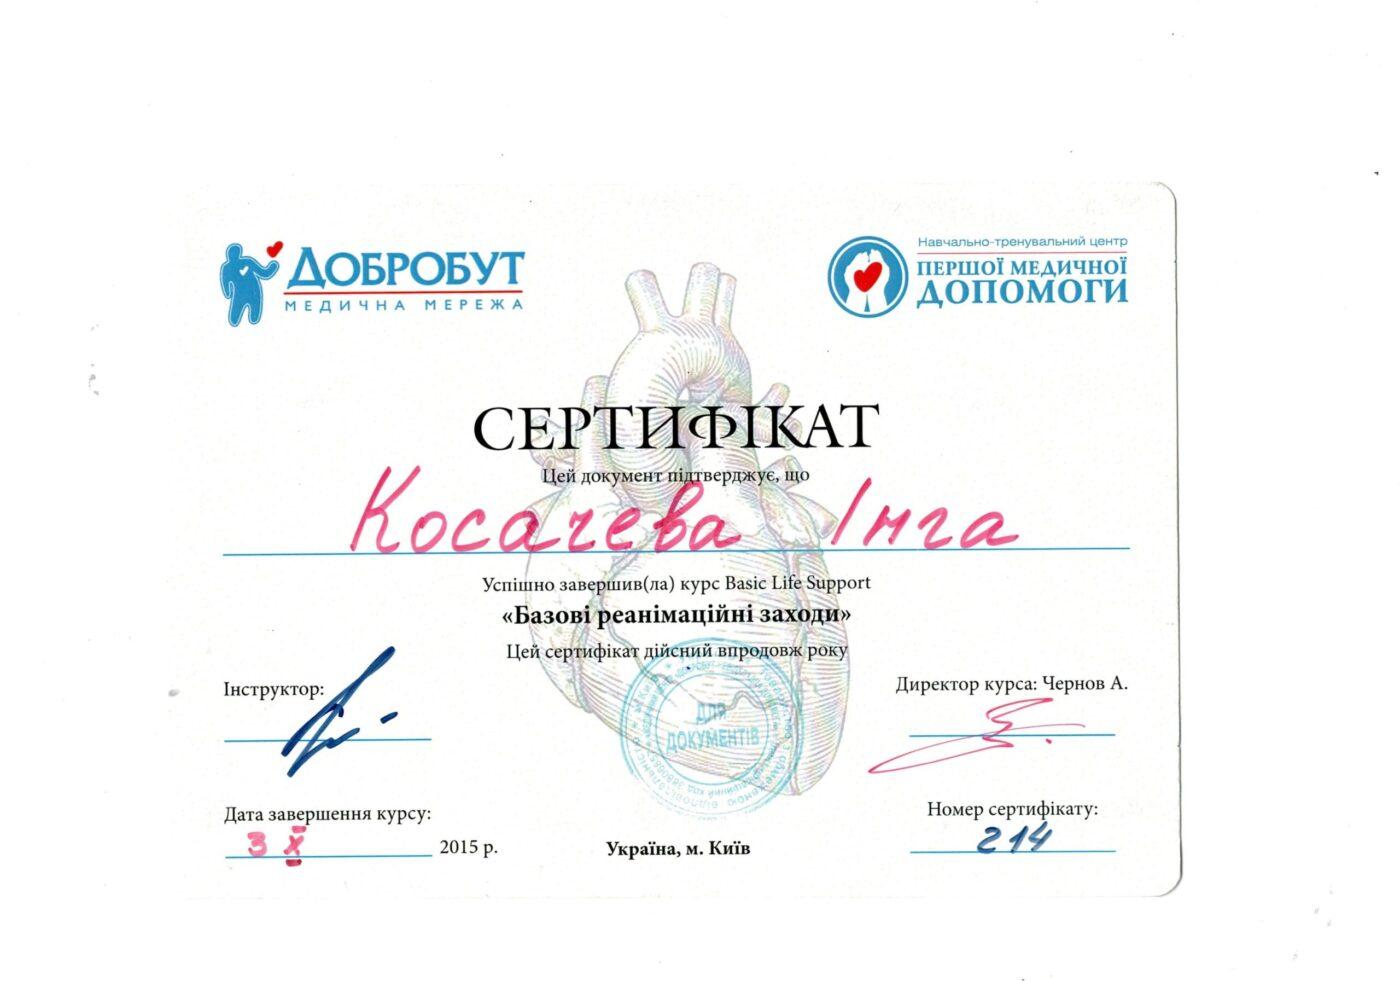 Сертифікат дитячого лікаря анестезіолога Косачевої Інги Сергіївни об участі у курсі (Базові реанімаційні заход)